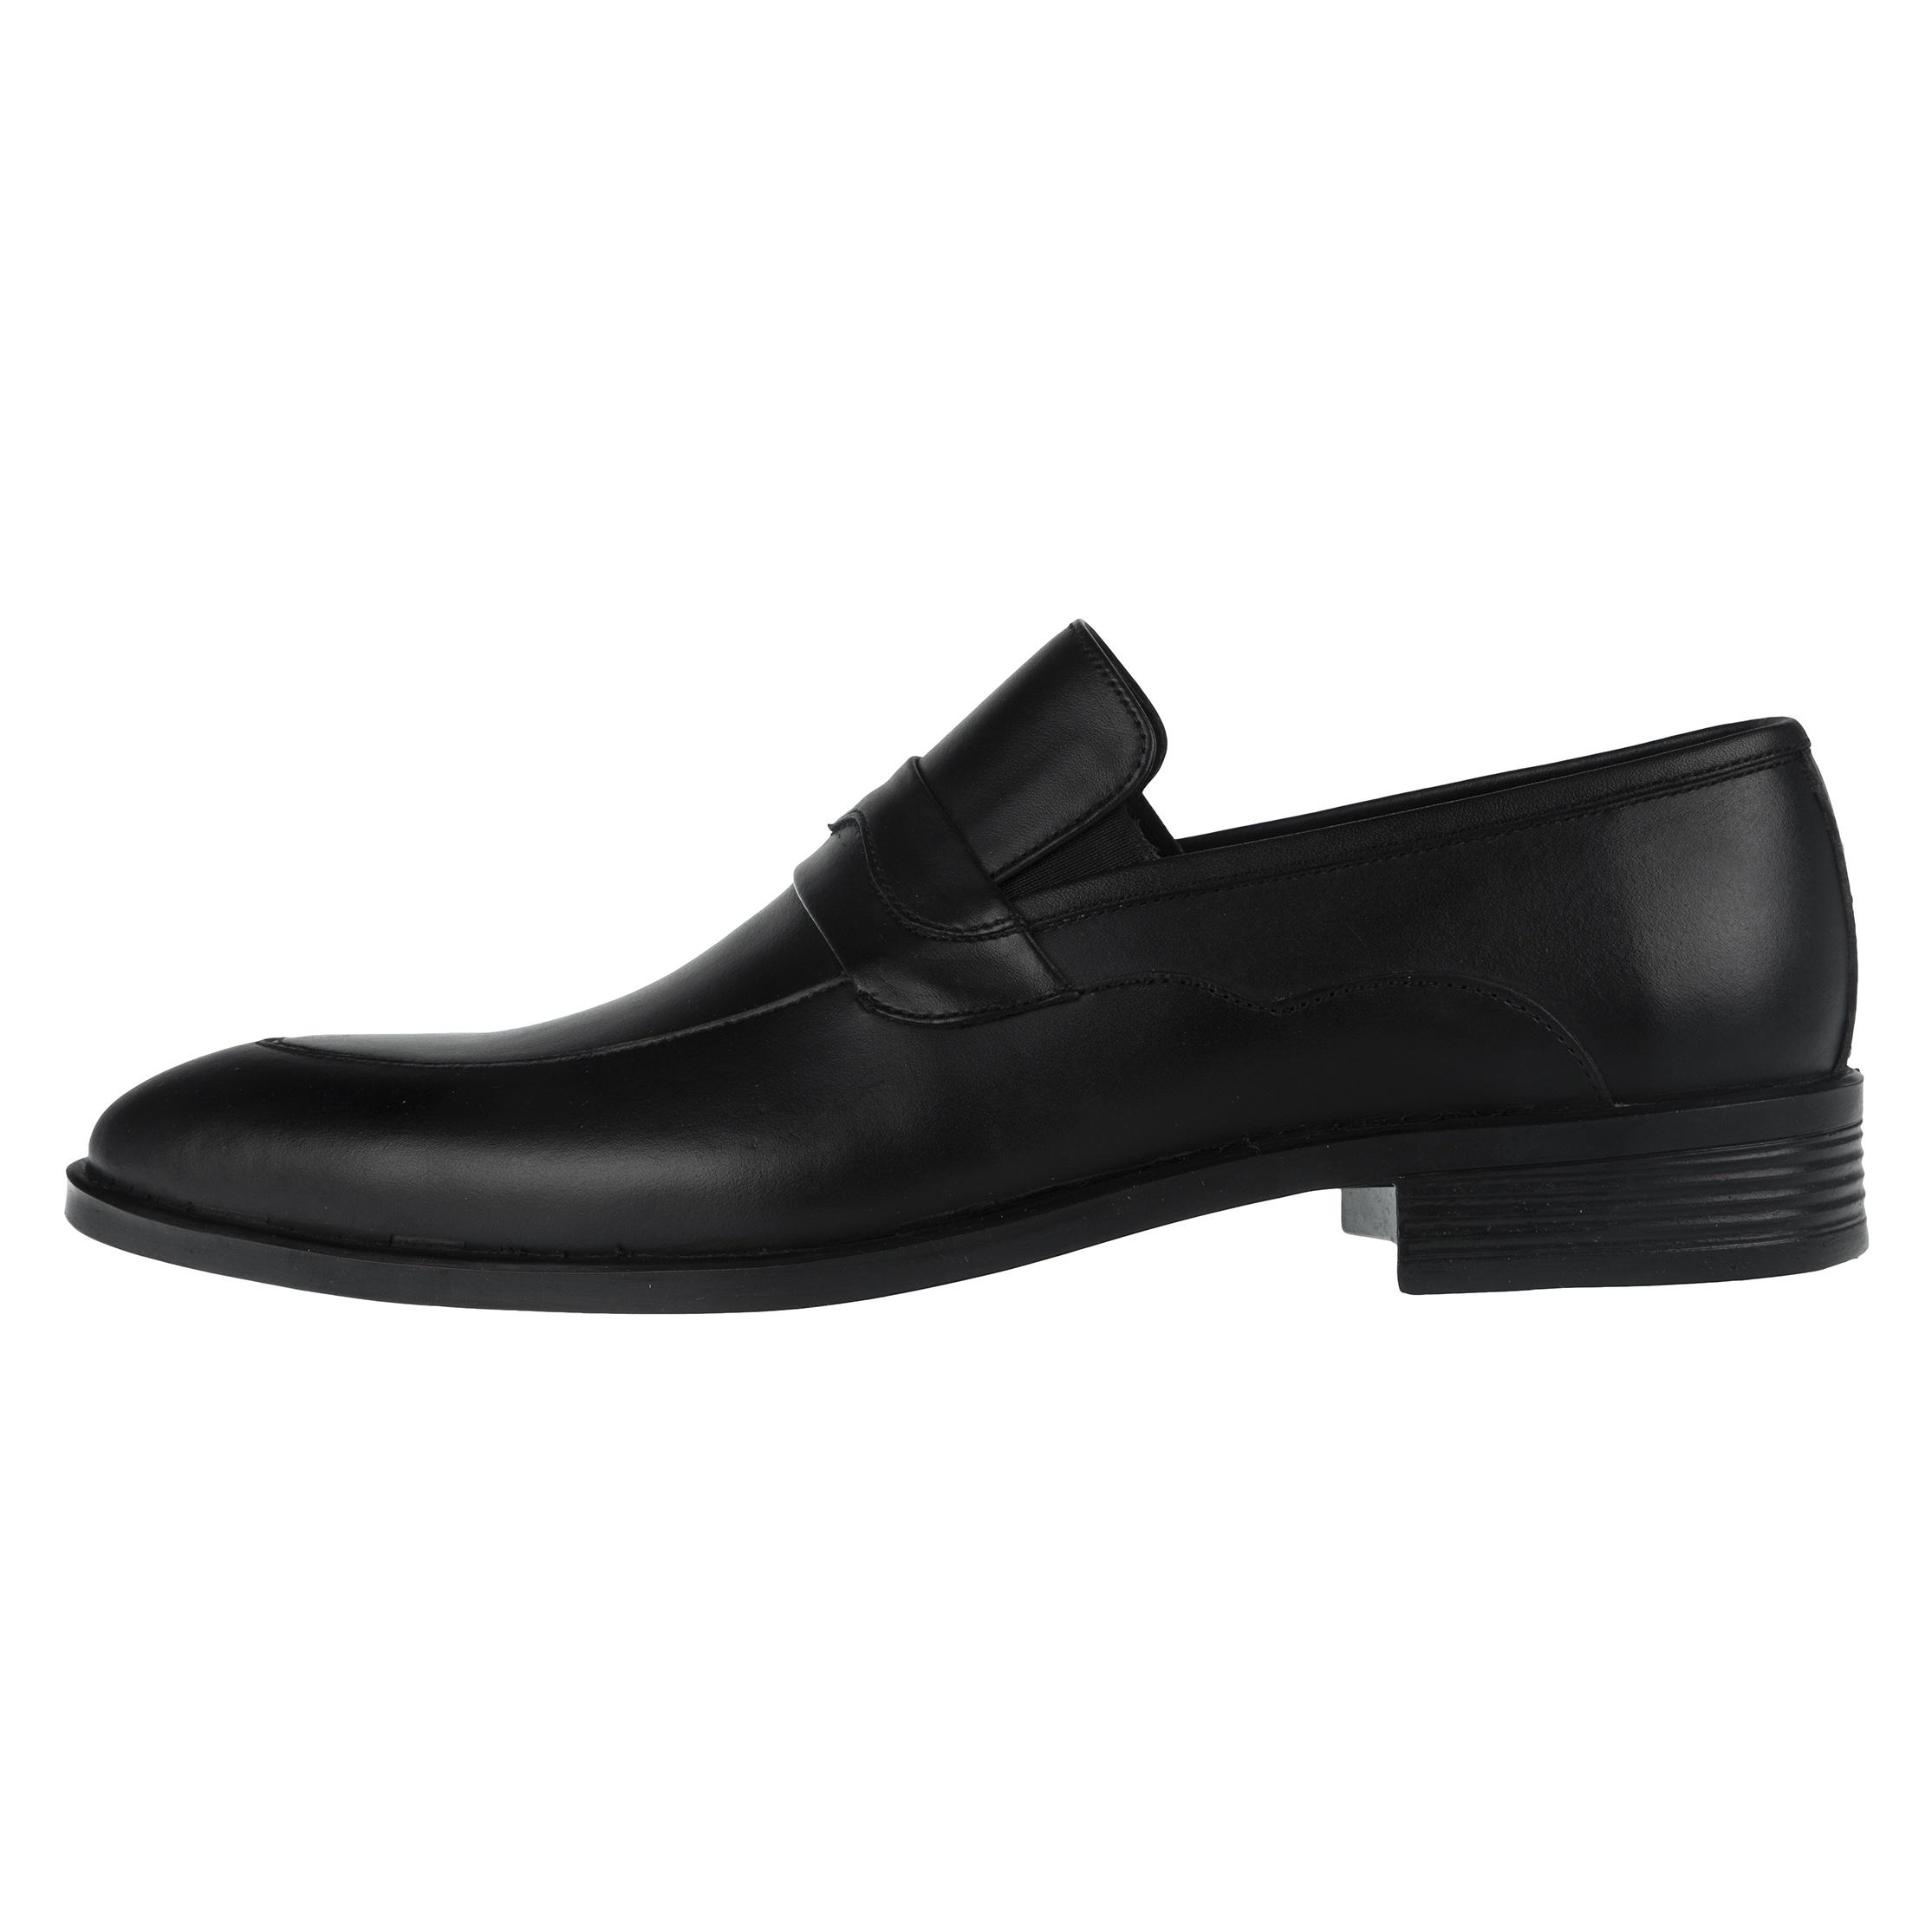 کفش مردانه گاندو مدل 437-99